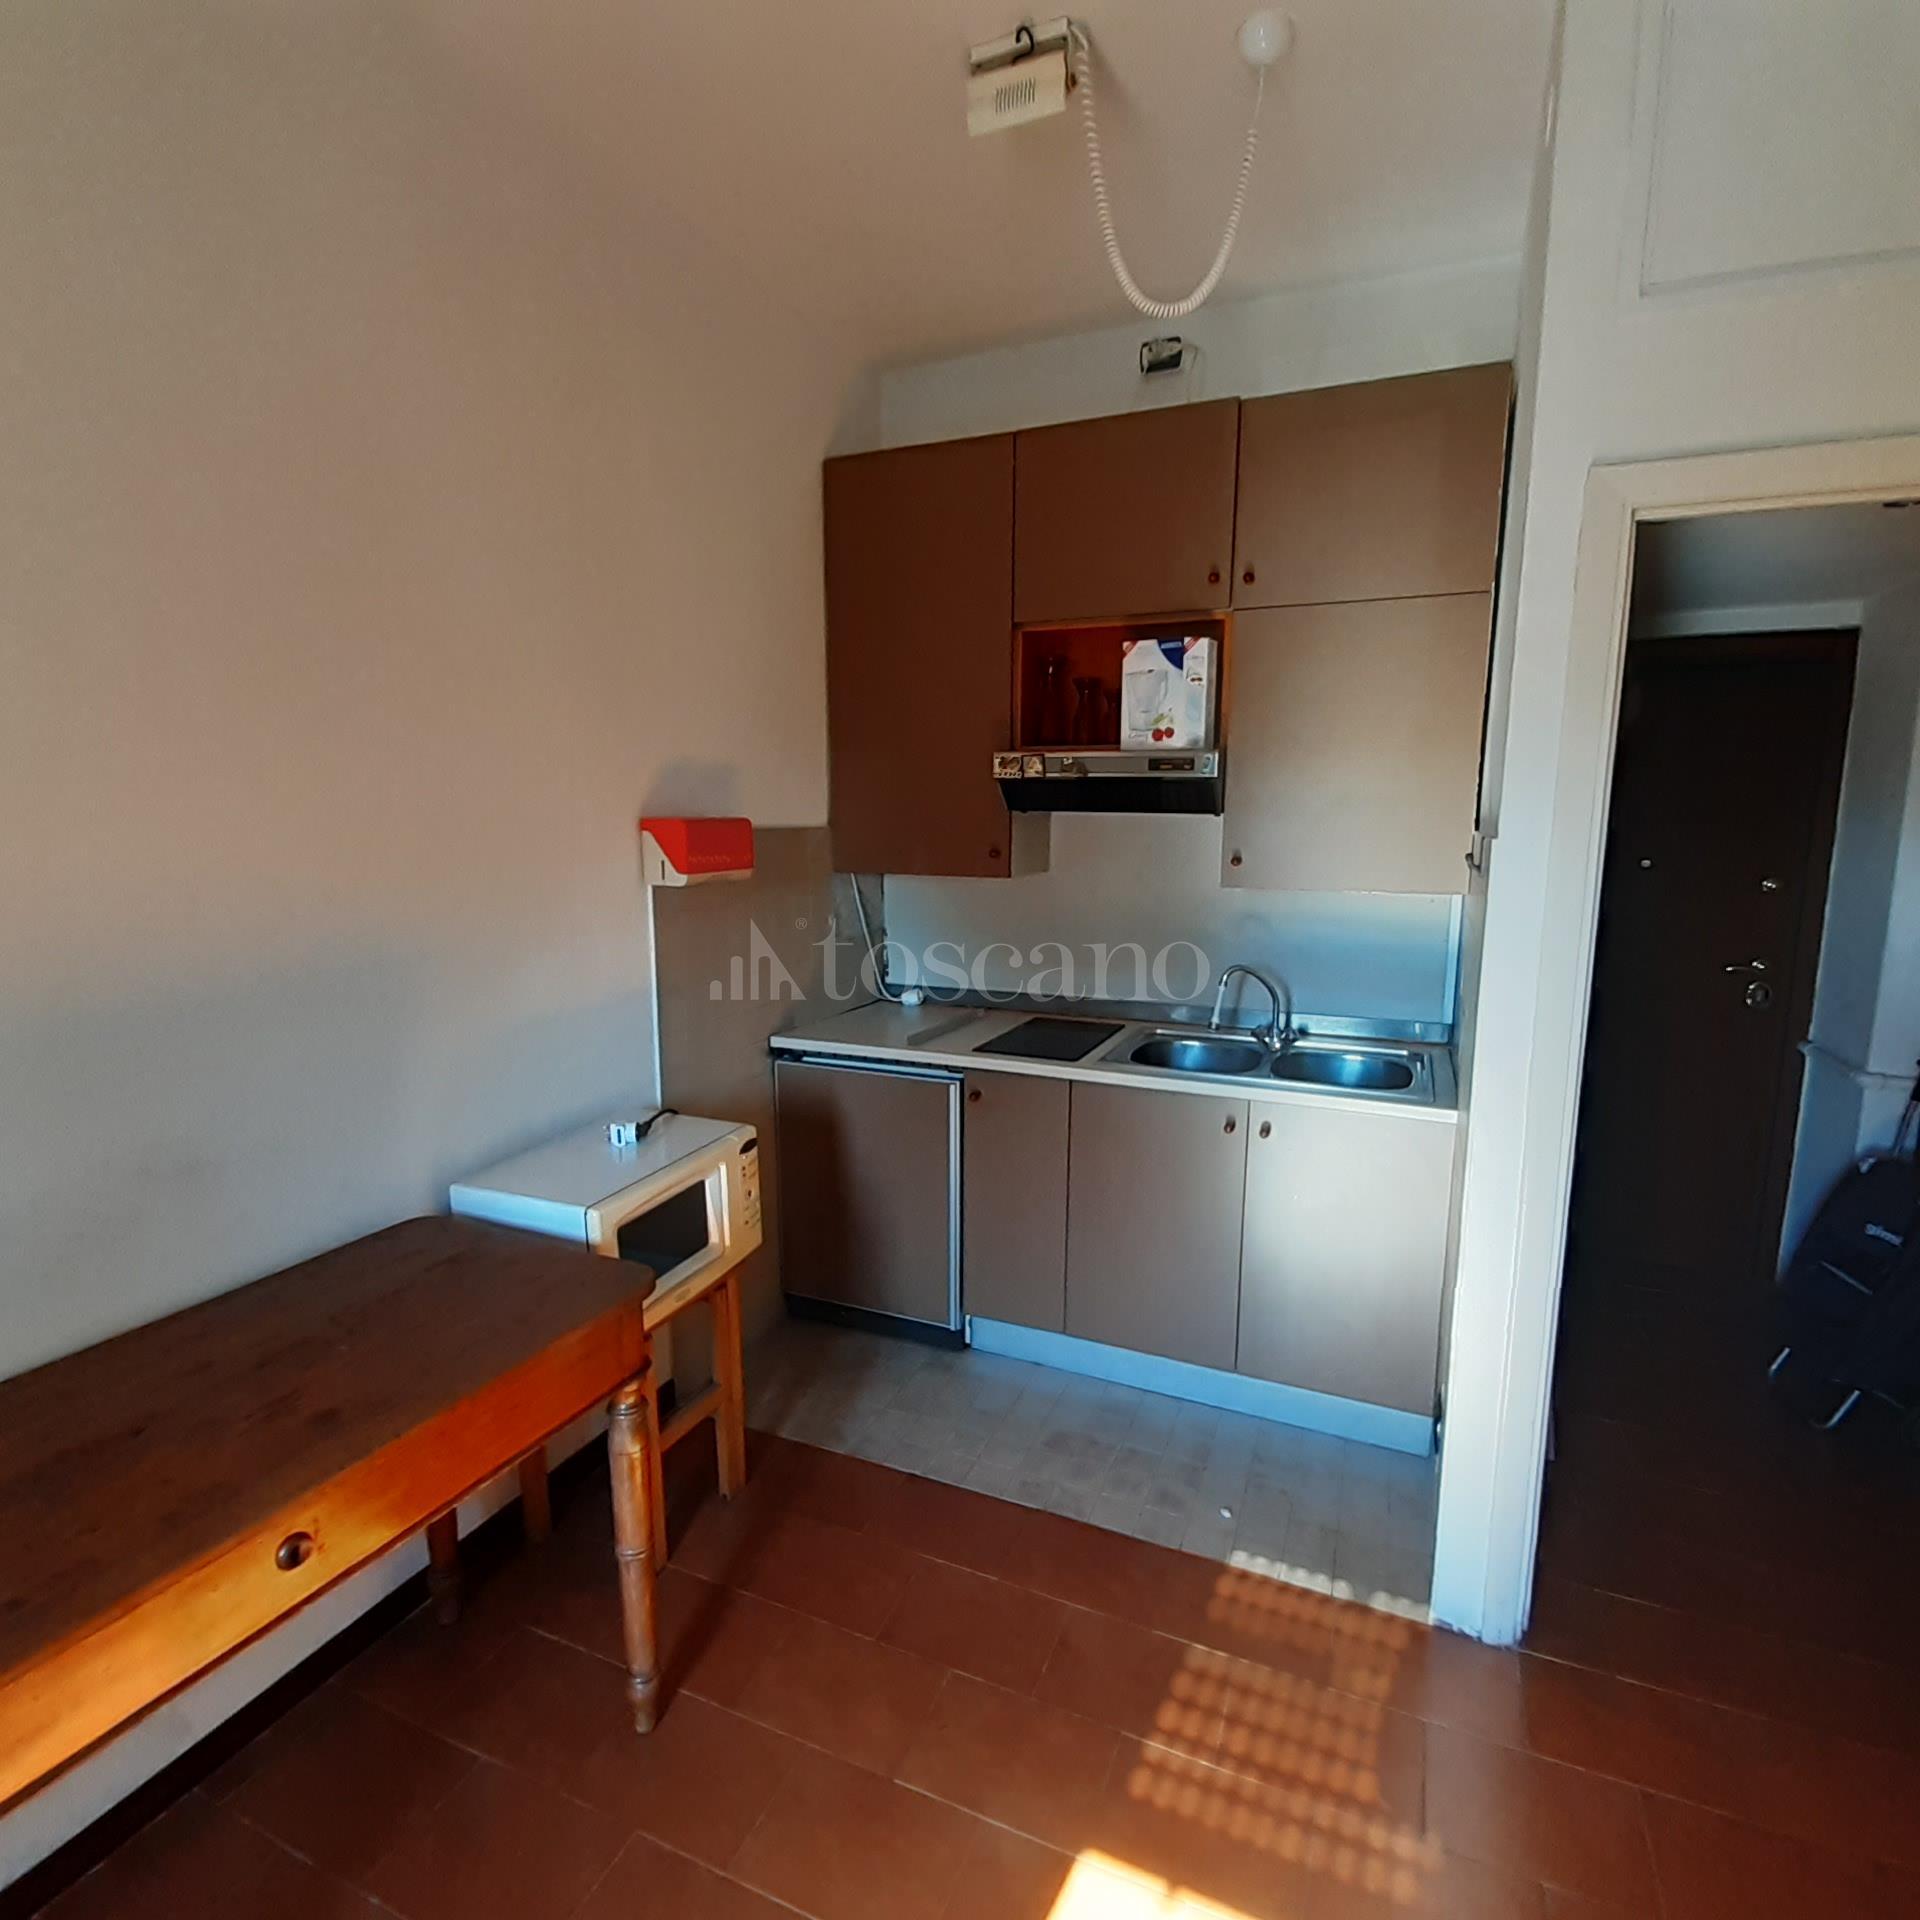 Casa in affitto di 45 mq a €750 (rif. 29/2020)